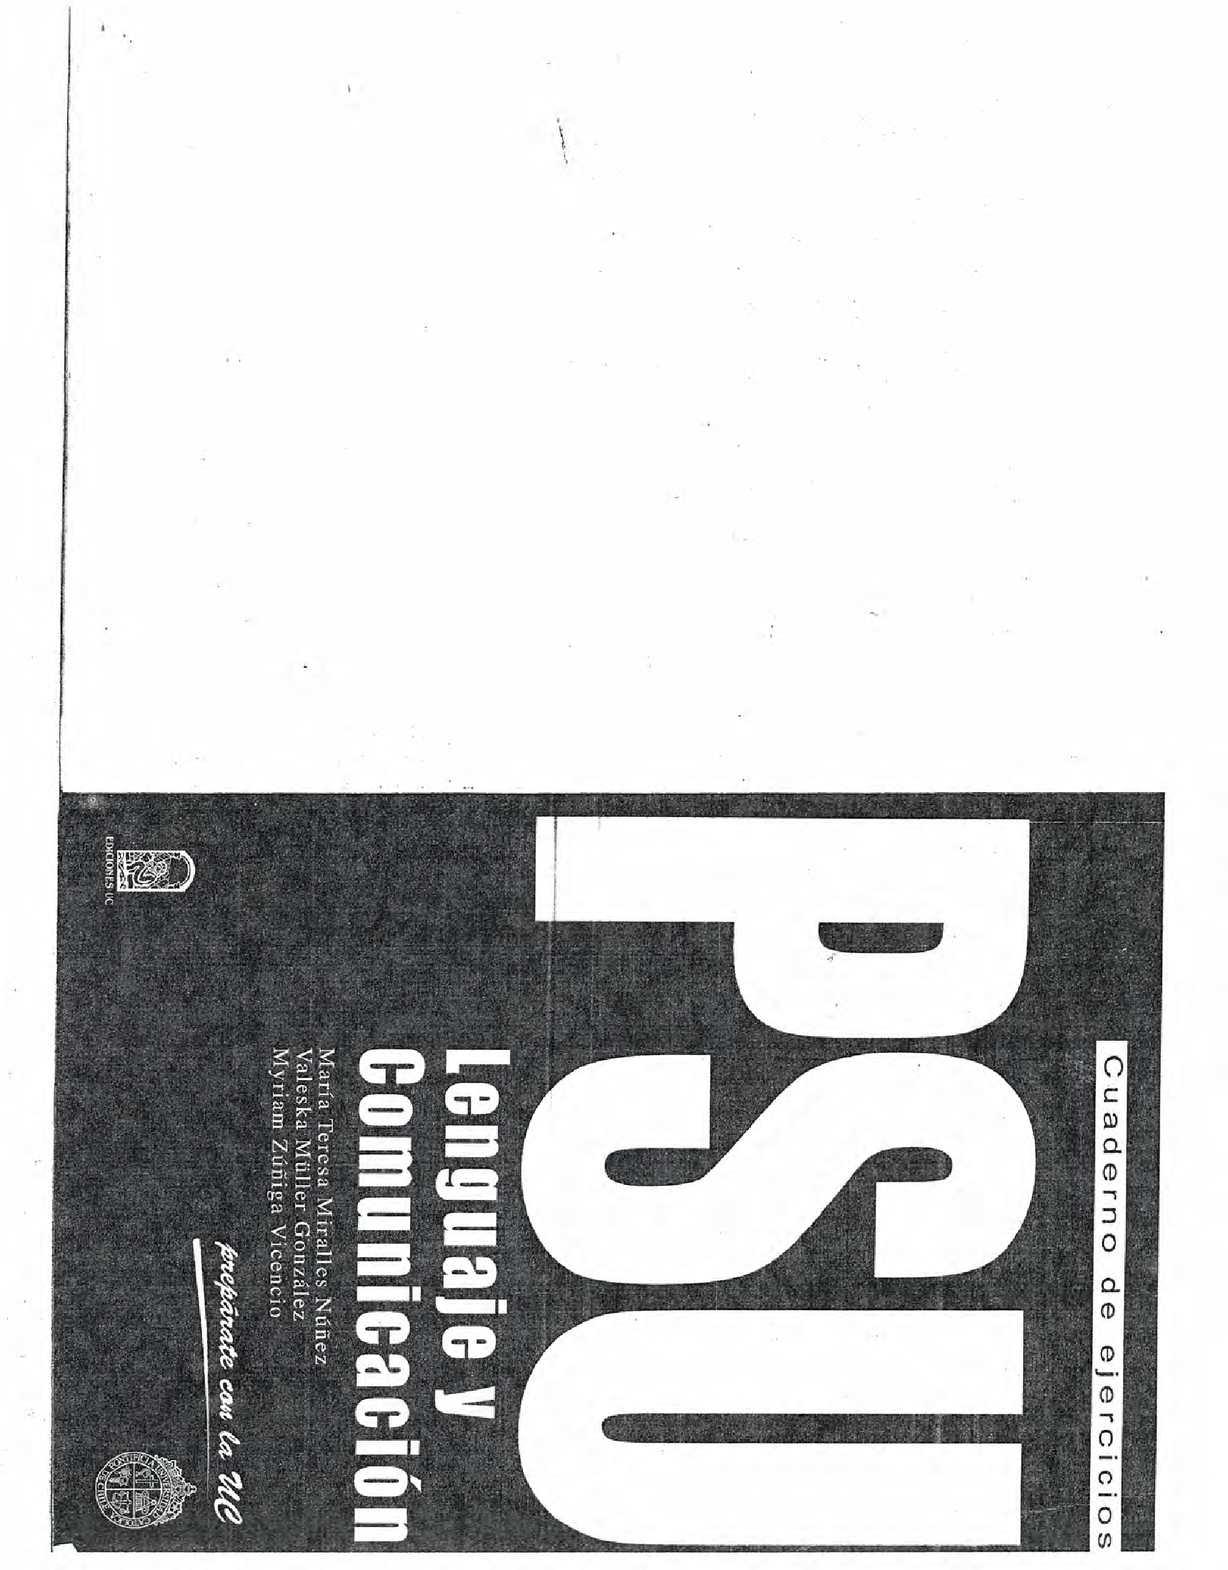 Calaméo - Libro PSU Lenguaje UC - Completo d7d83dfae4f